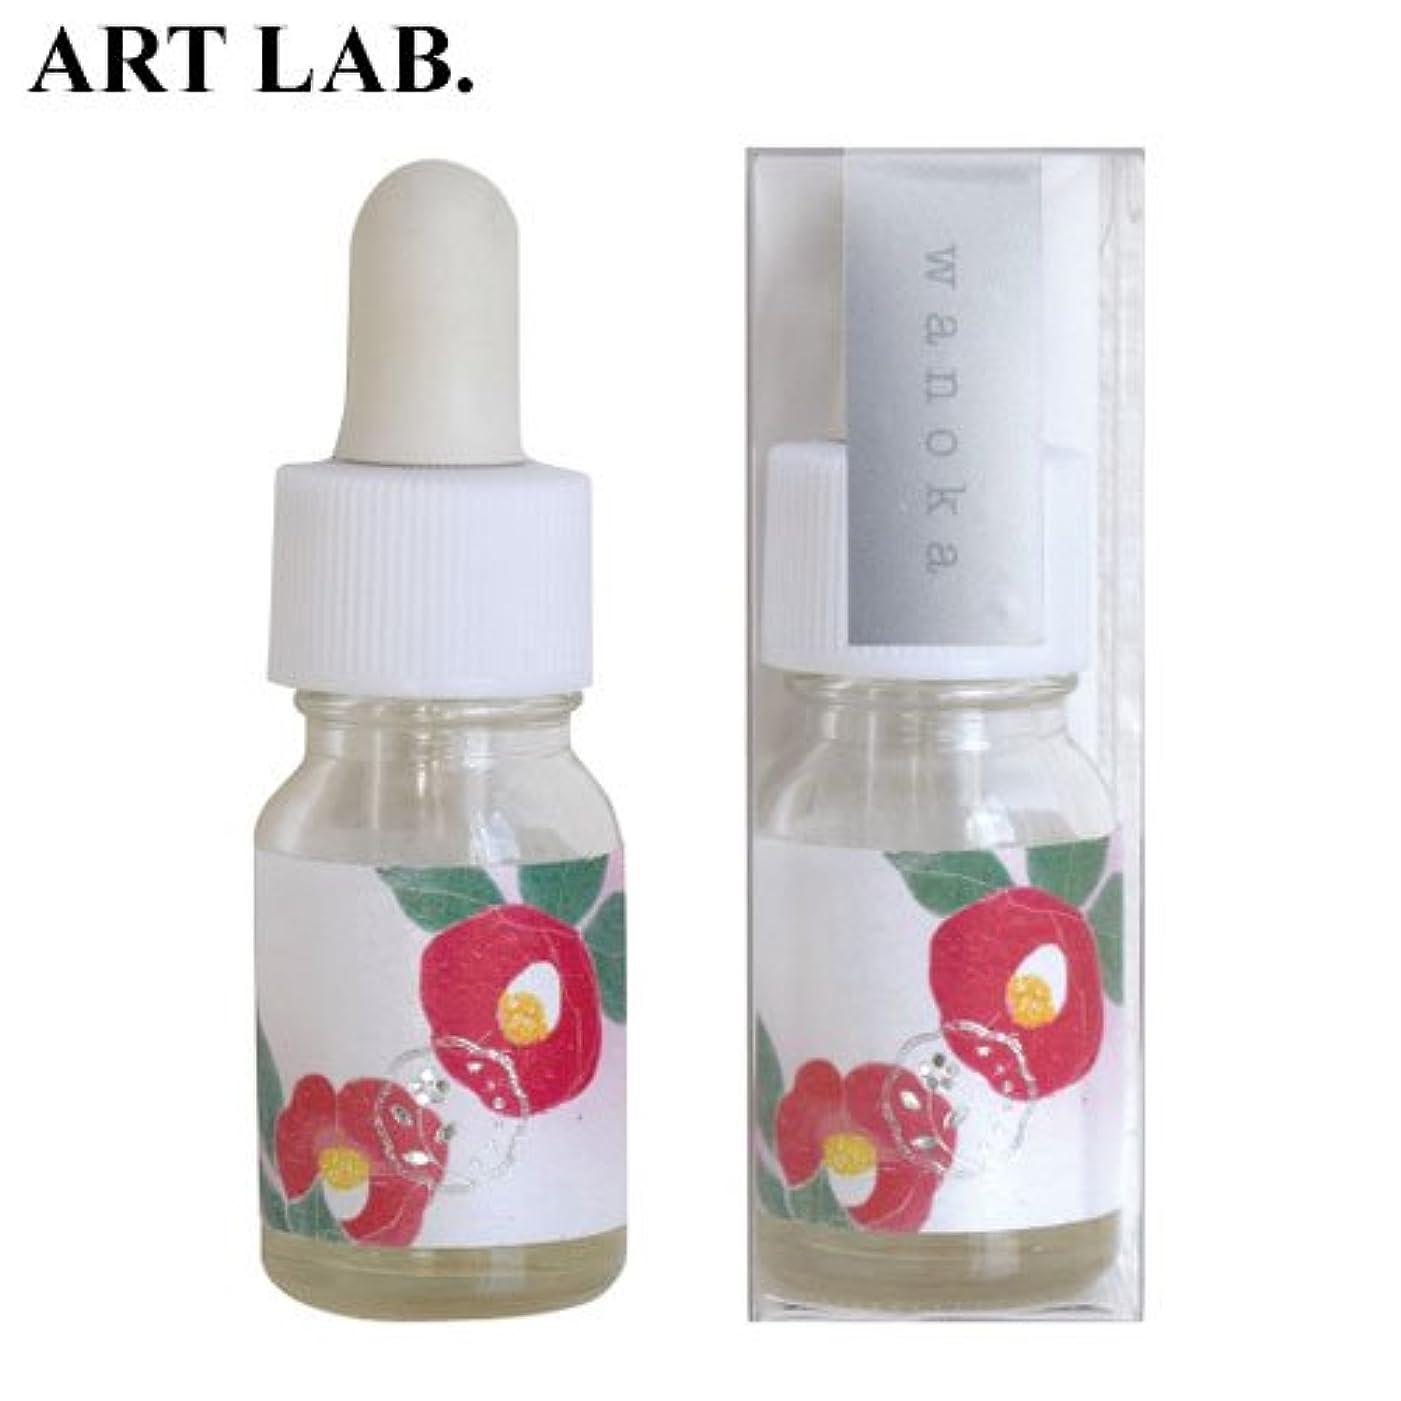 もっともらしい寸前ラケットwanoka香油アロマオイル椿《おしとやかで深みのある香り》ART LABAromatic oil